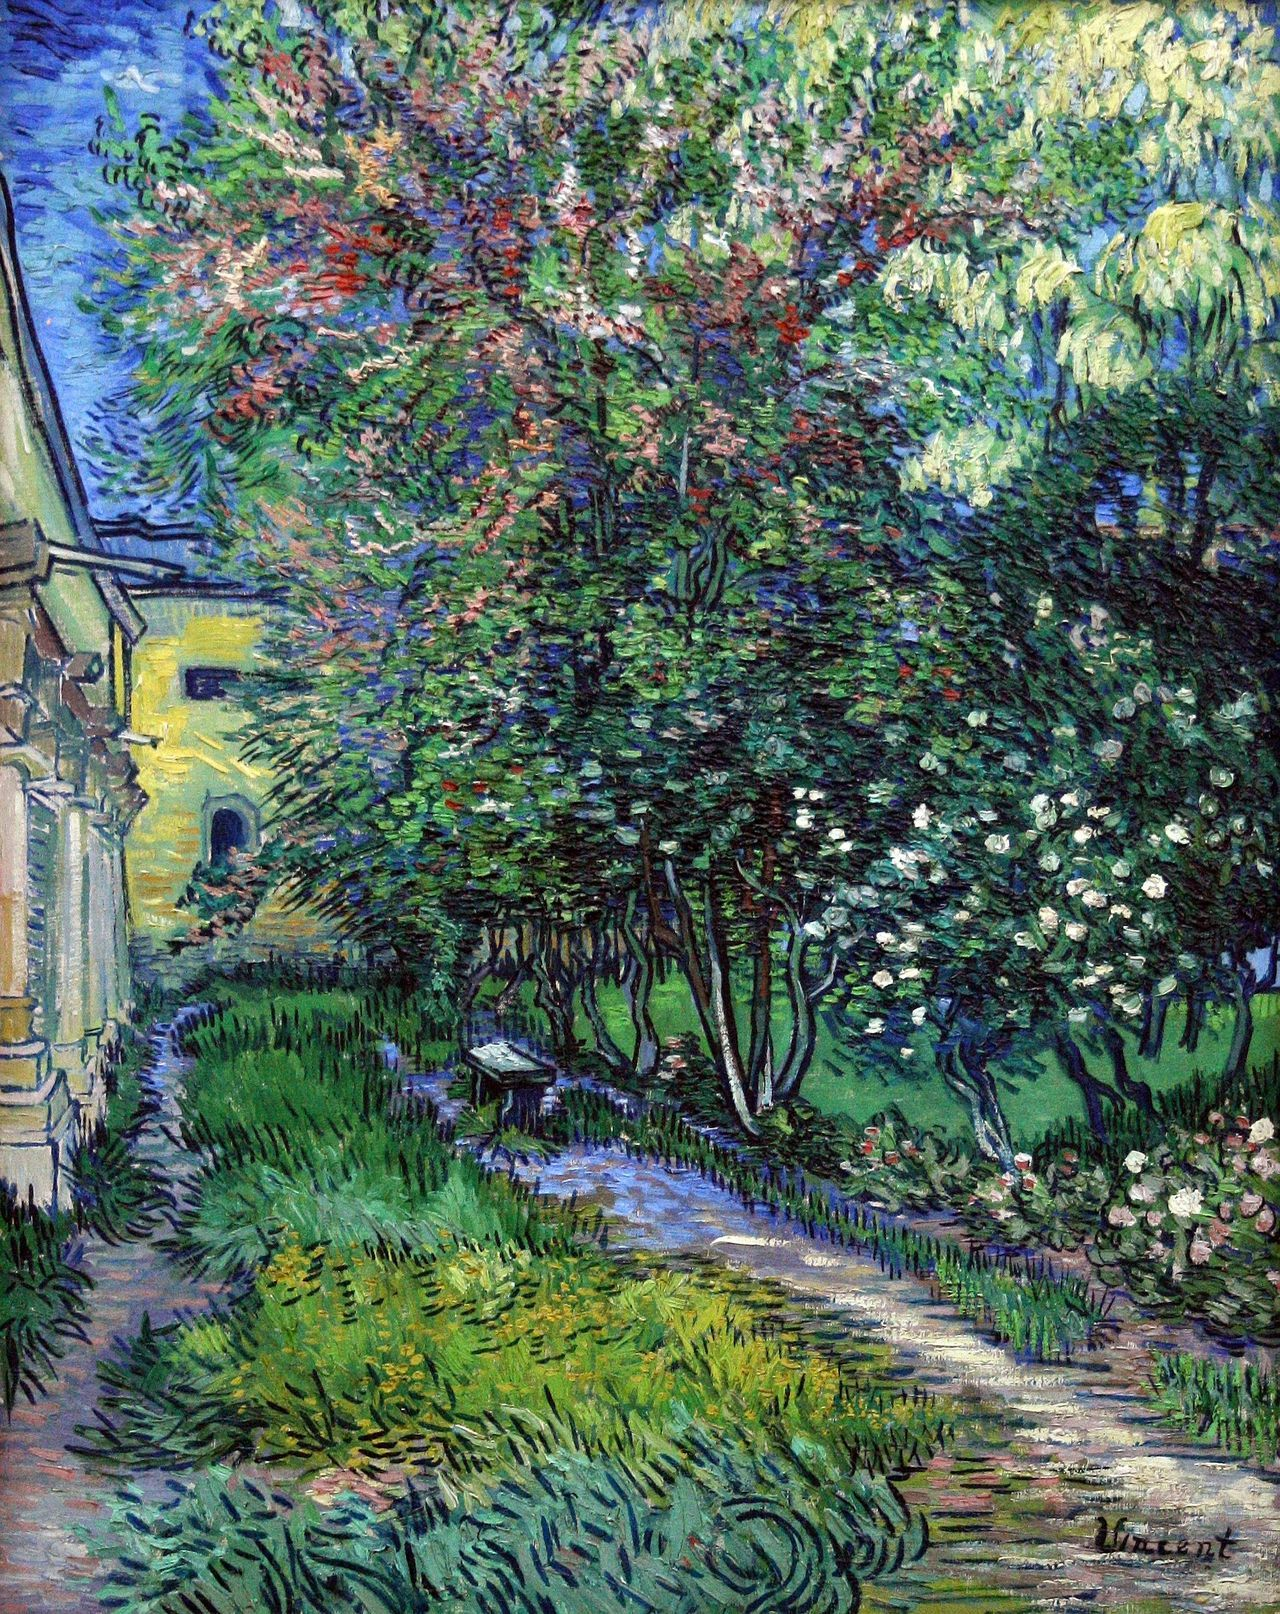 Vincent van gogh jardin de l hospice saint paul 1889 reproduction of vincent van gogh - Castorama jardin bordure saint paul ...